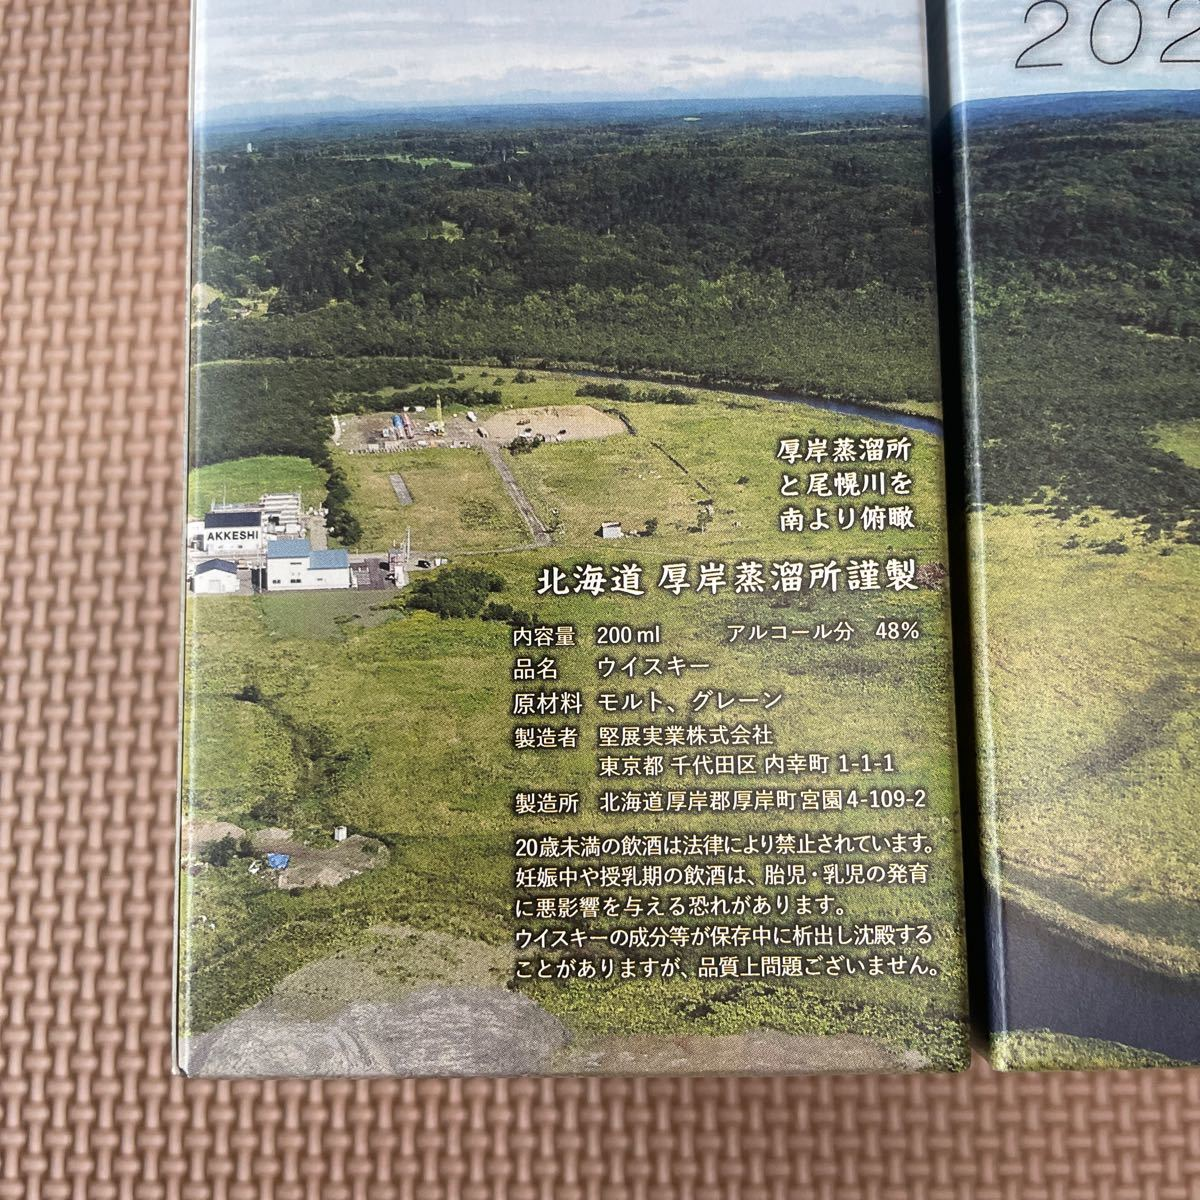 北海道限定 厚岸ブレンデッド ウイスキー 2021